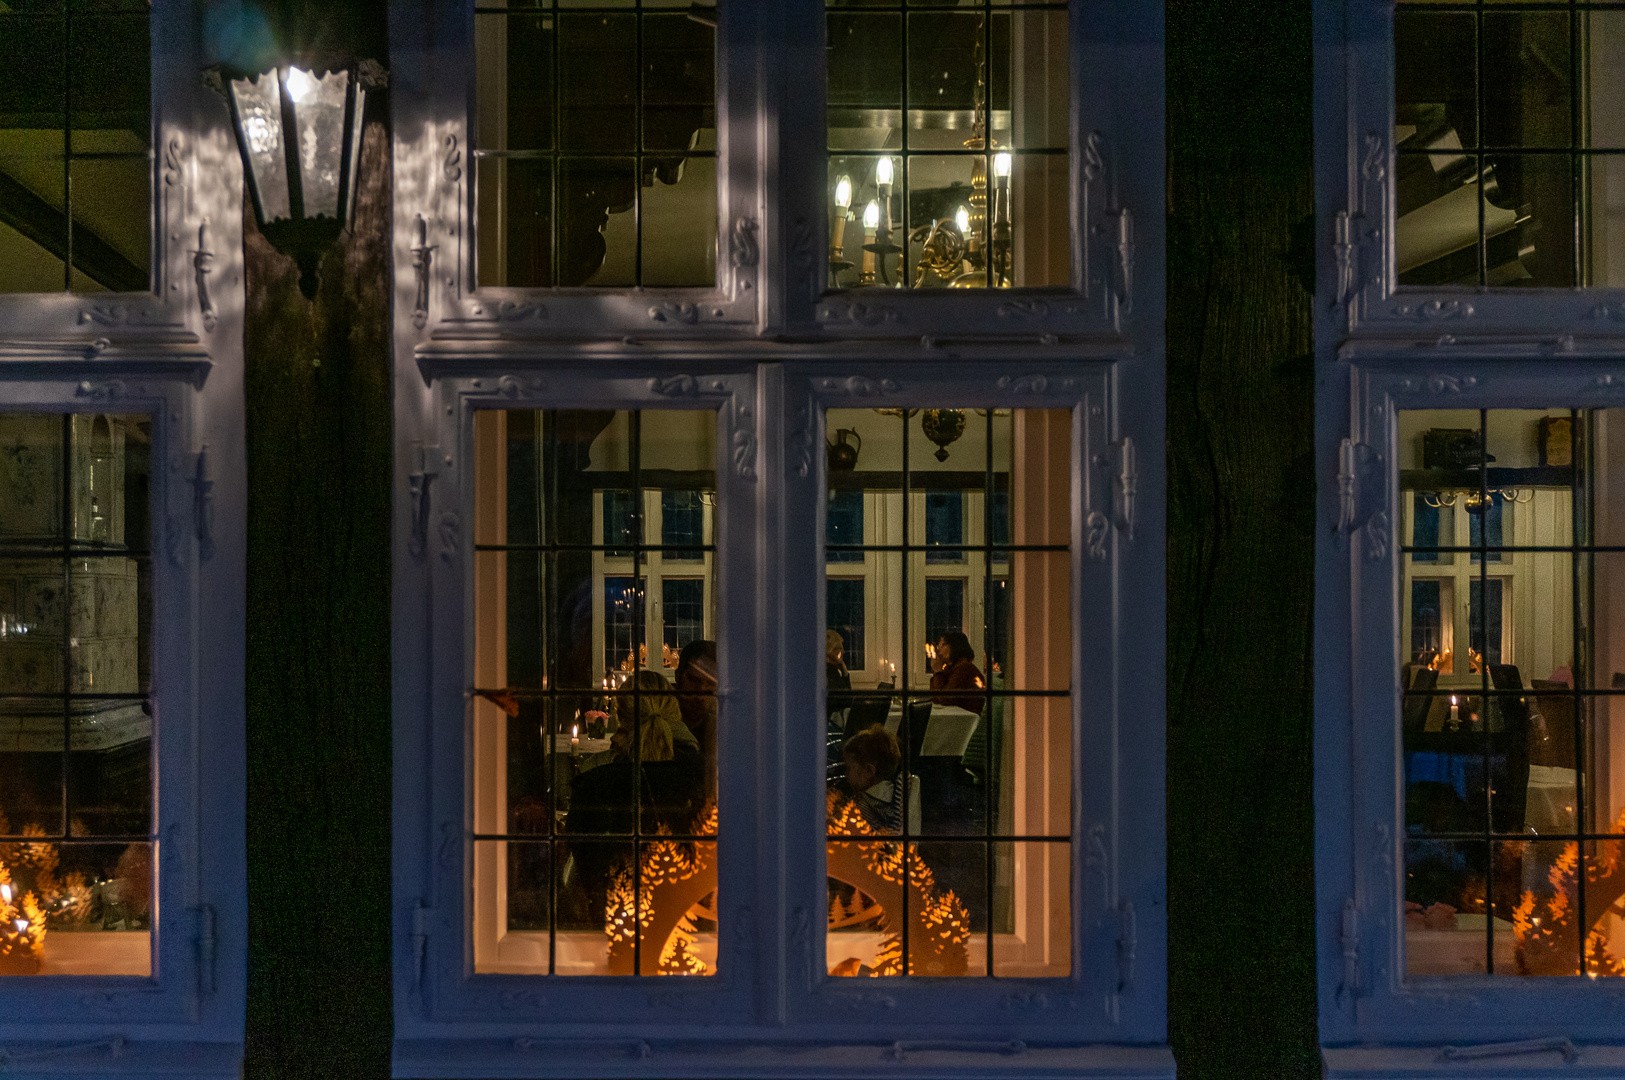 Full Size of Alte Mhle Iv Hannover Foto Bild Weihnachten Pvc Fenster Zwangsbelüftung Nachrüsten Ebay Mit Lüftung Velux Ersatzteile Konfigurieren Klebefolie Polnische Fenster Fenster Hannover